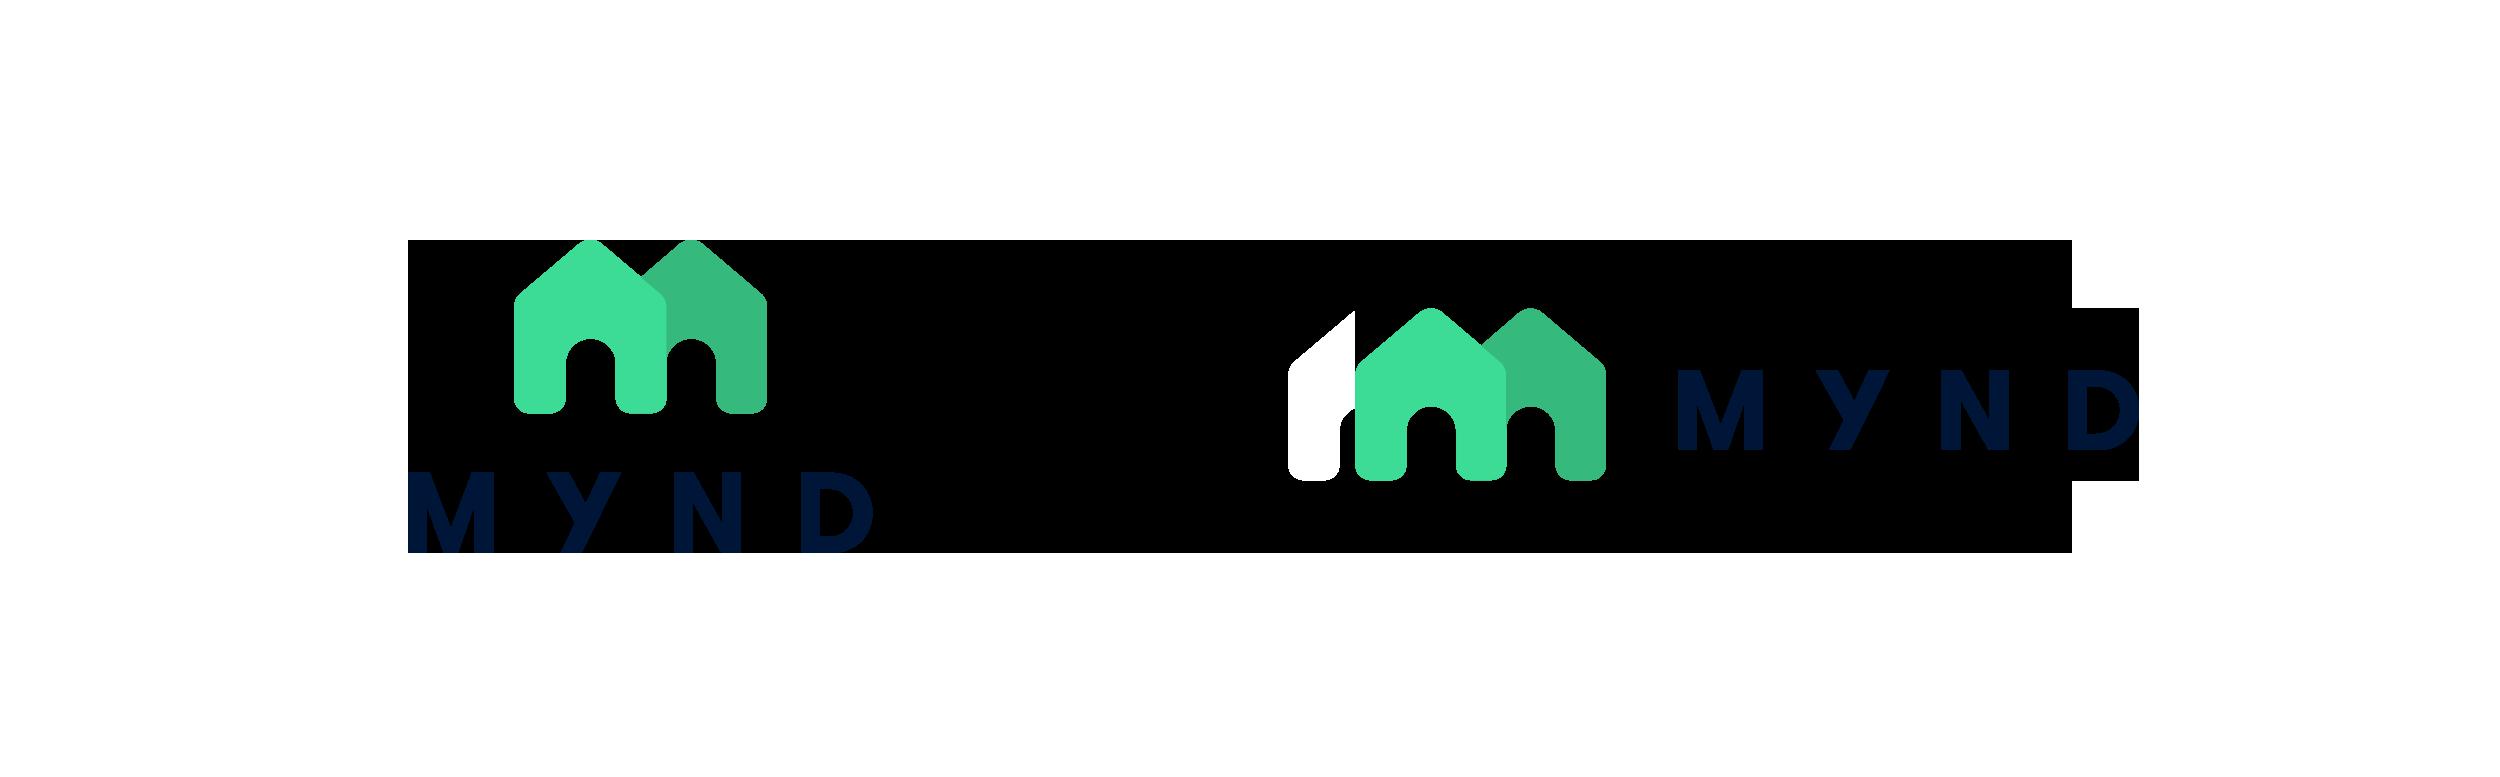 Mynd_logos-1.png